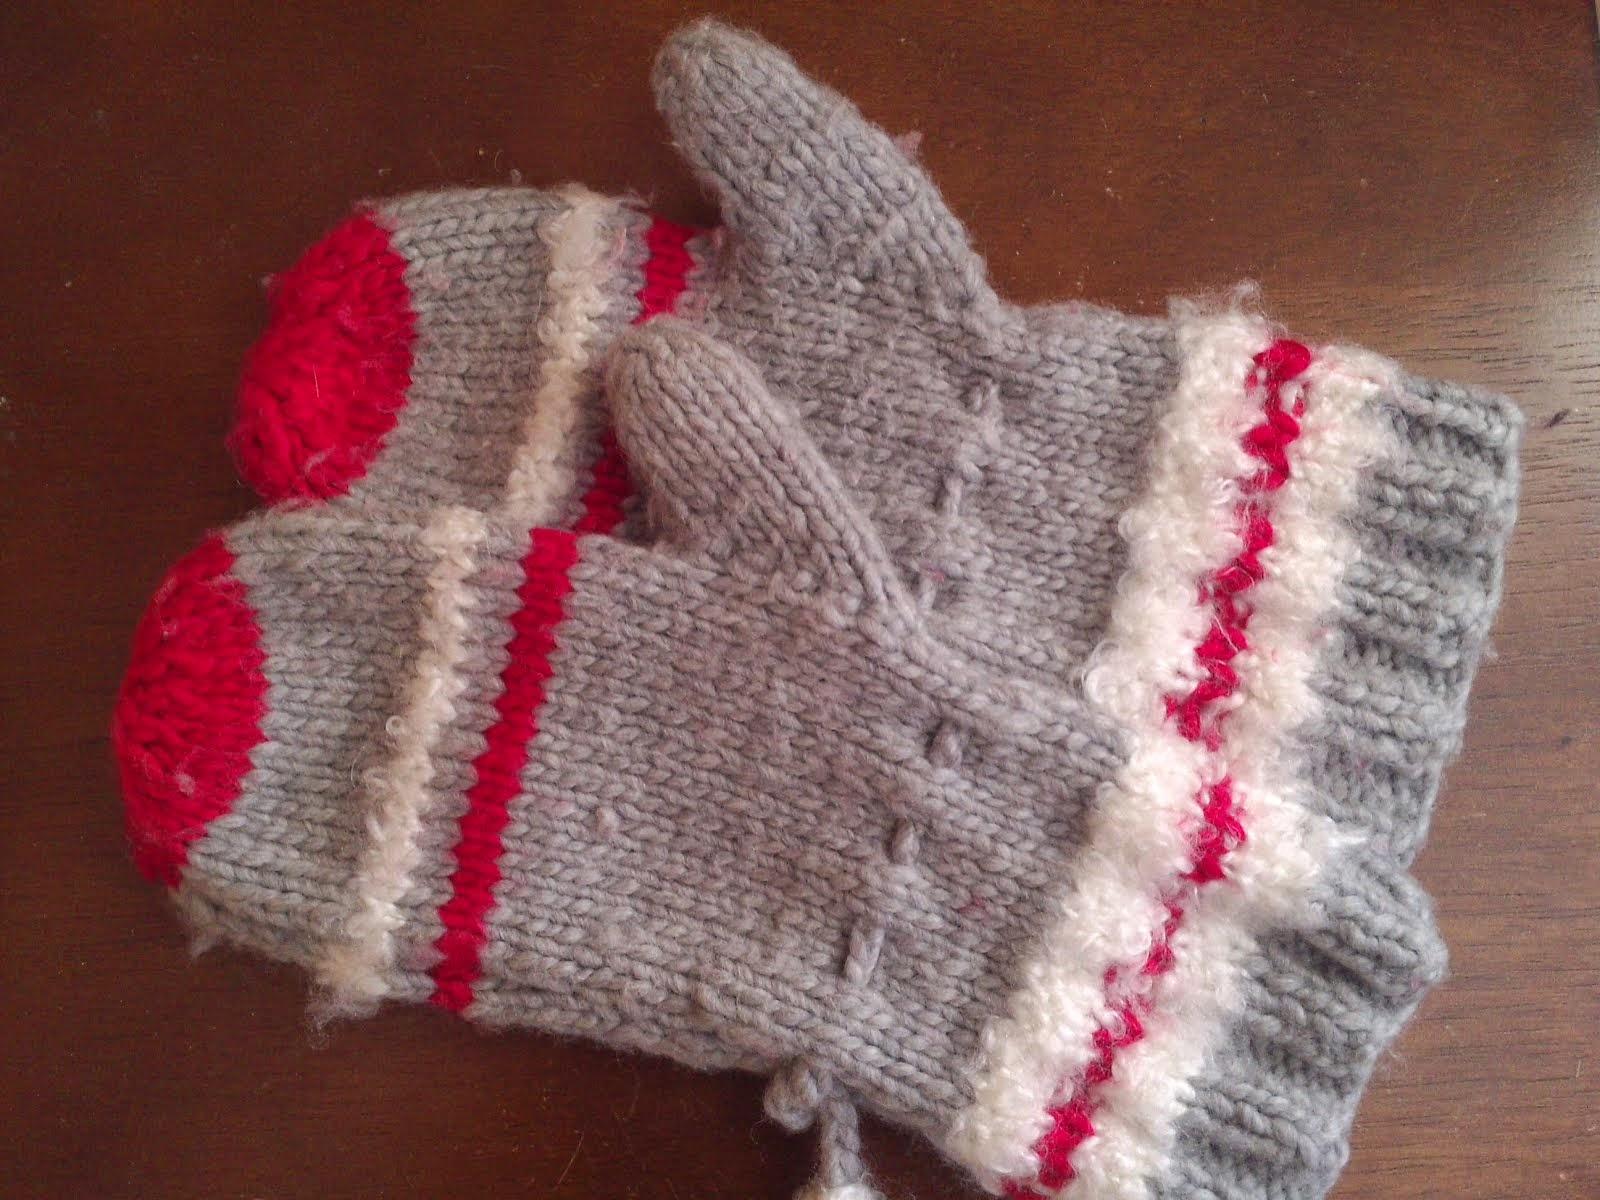 Cercle de fermi res le bizard tricoter des mitaines - Tricoter des mitaines facile ...